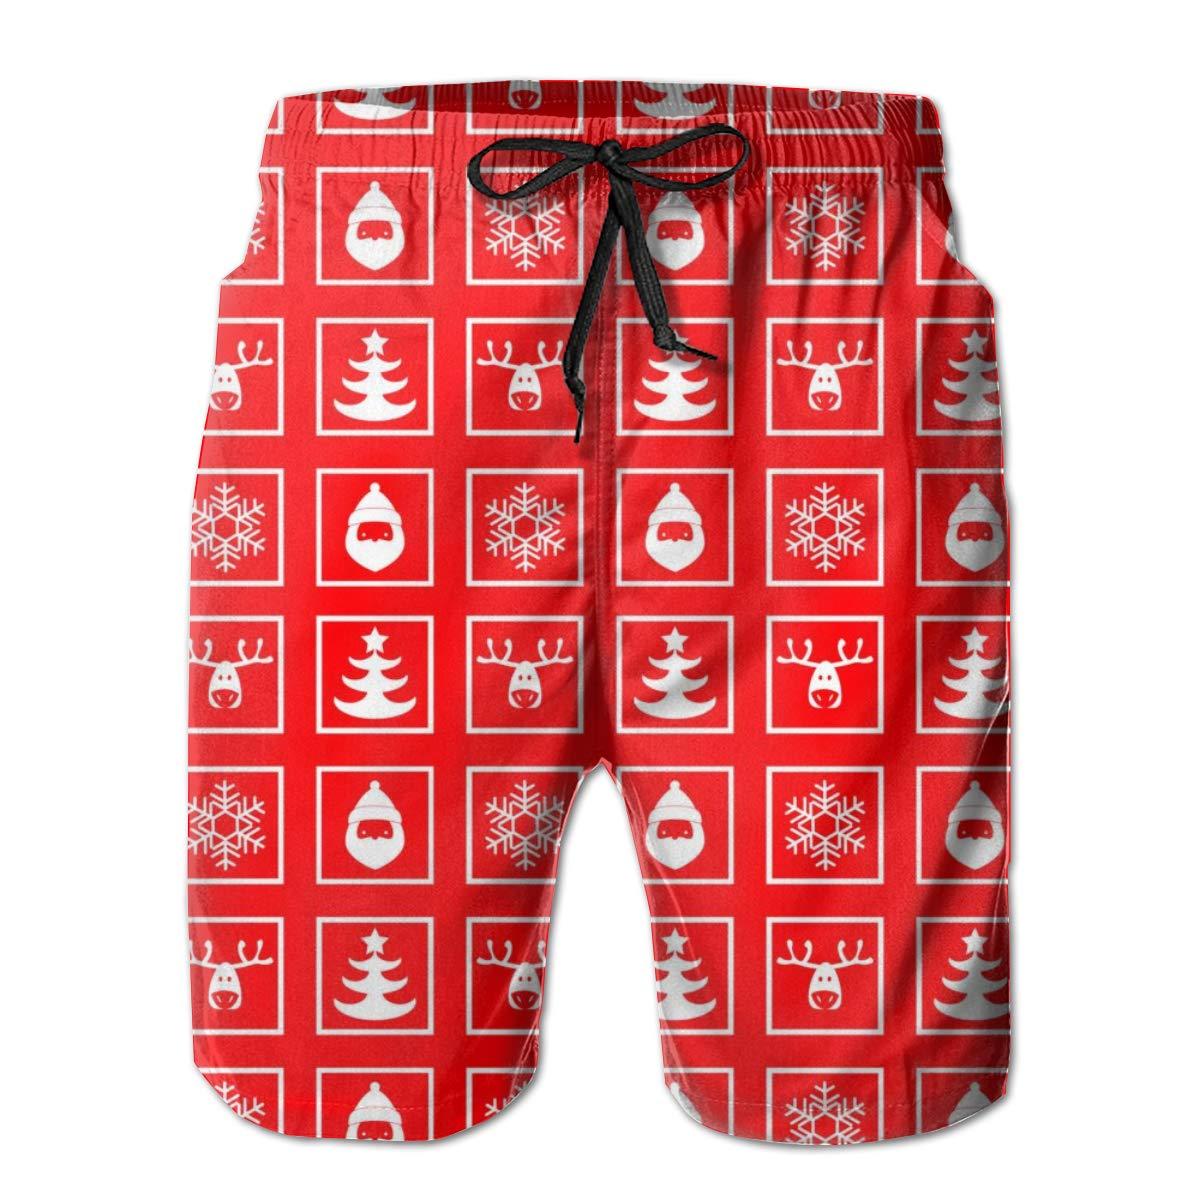 Mens Swim Trunks Quick Dry Red Plaid Snowman Printed Summer Beach Shorts Board Beach Short